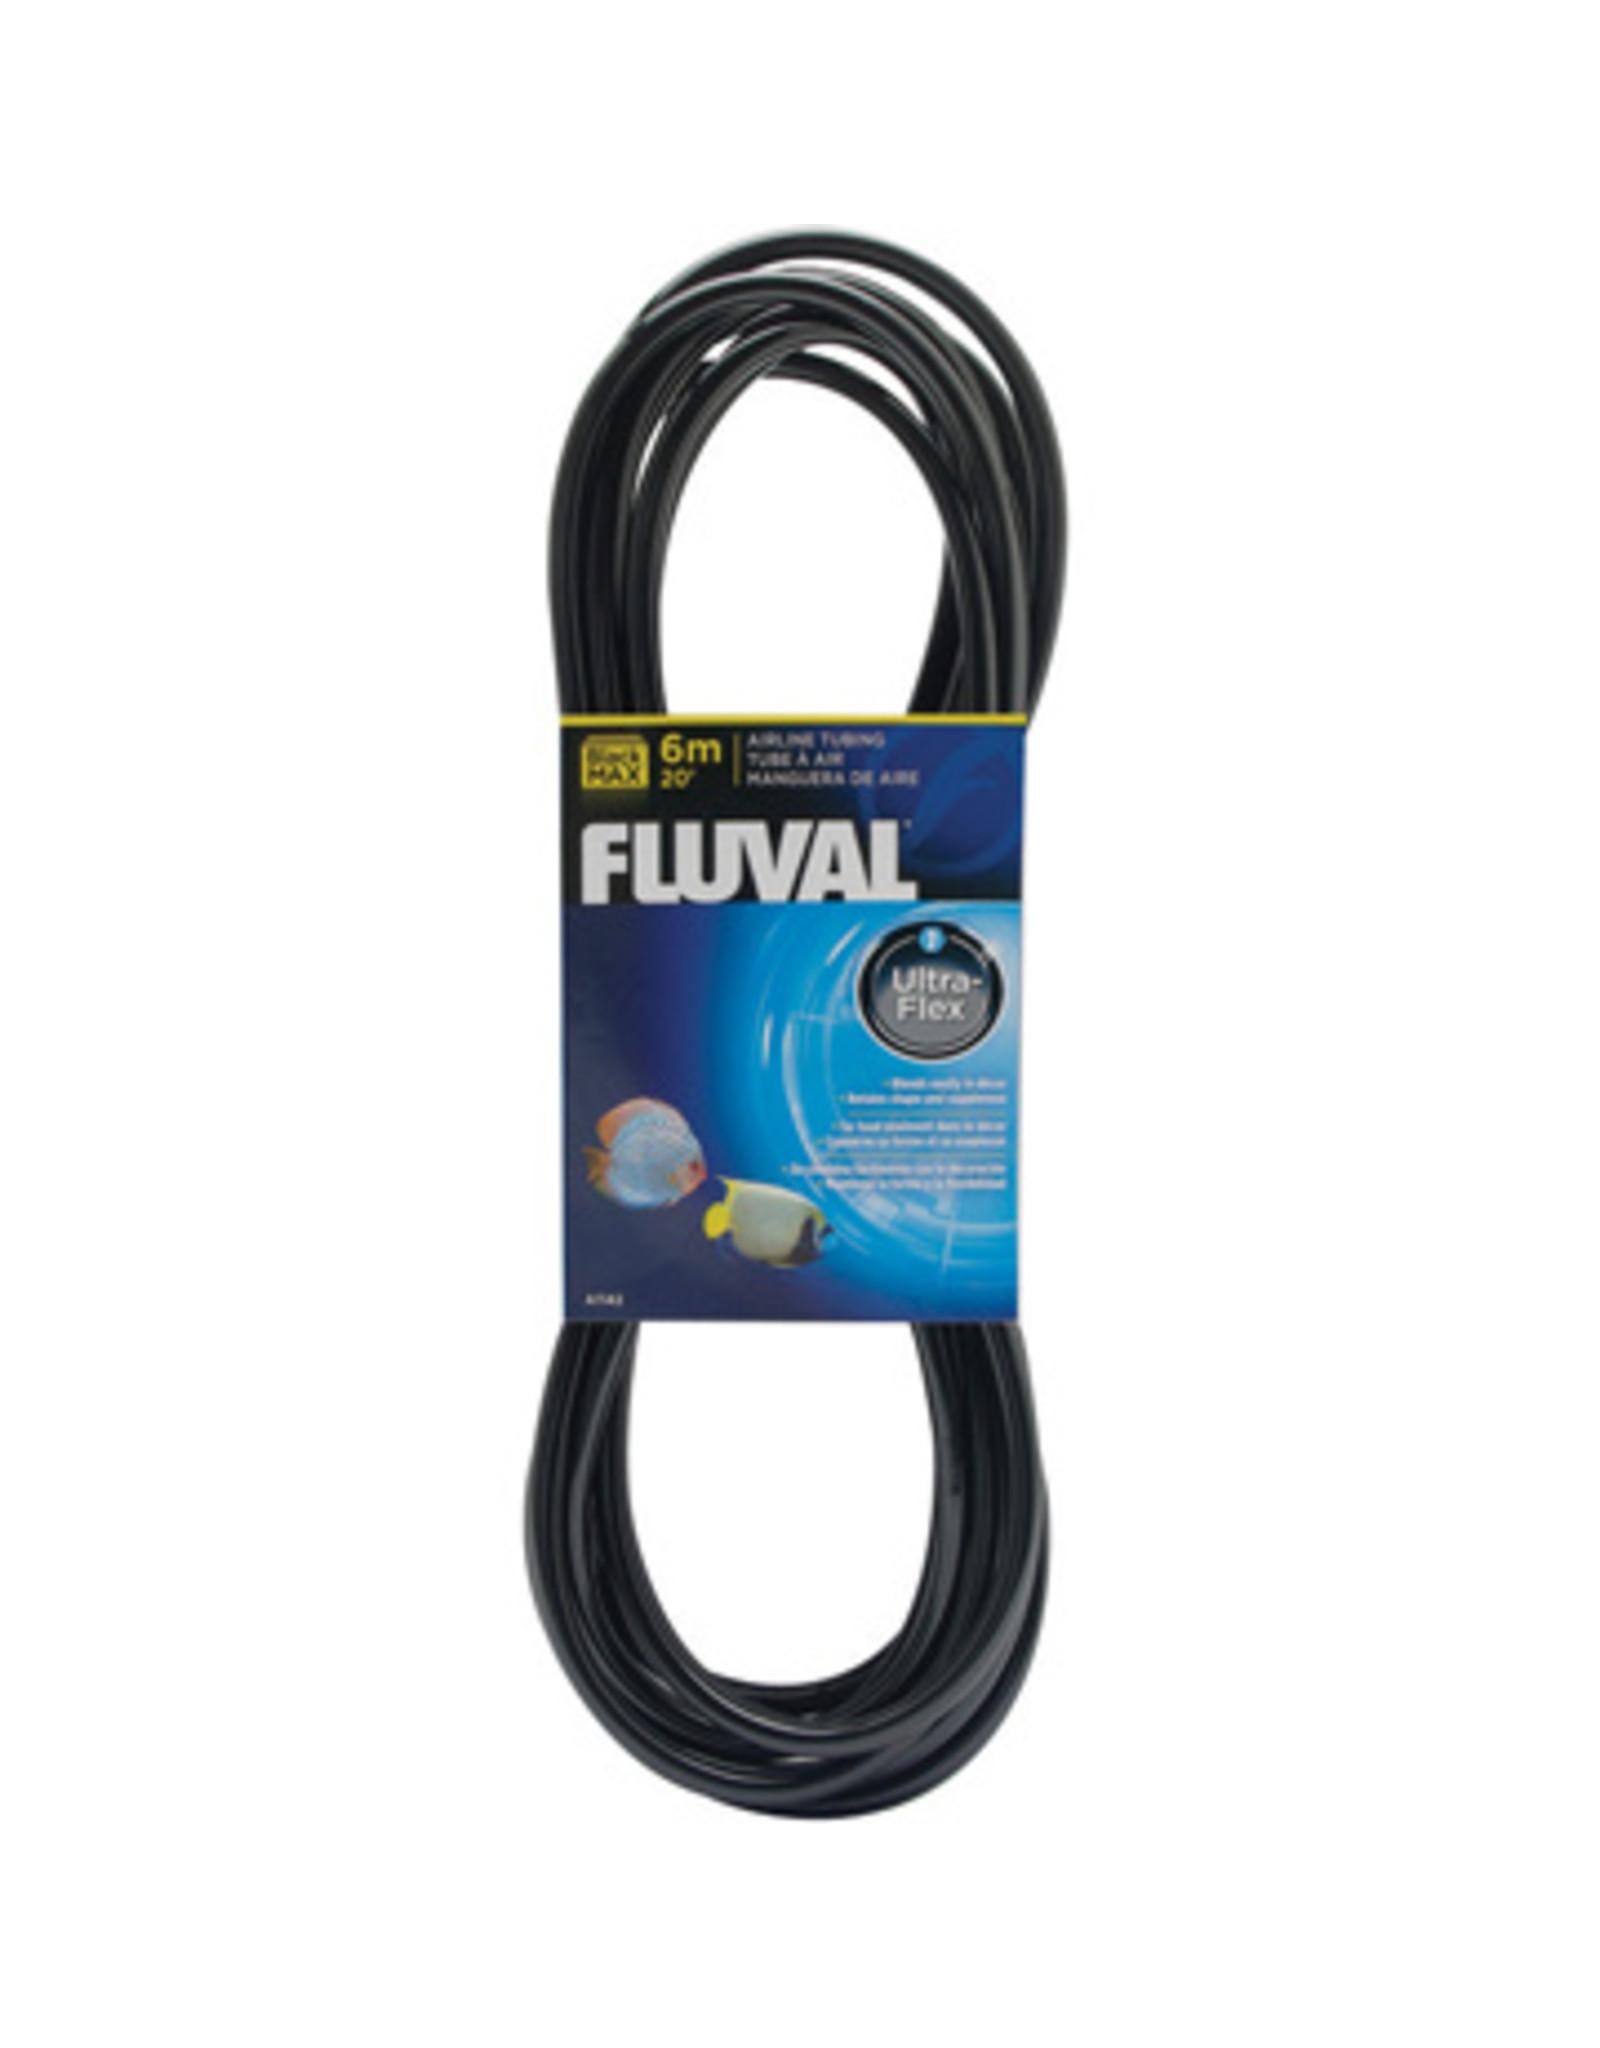 Fluval FLUVAL Airline Tubing Black